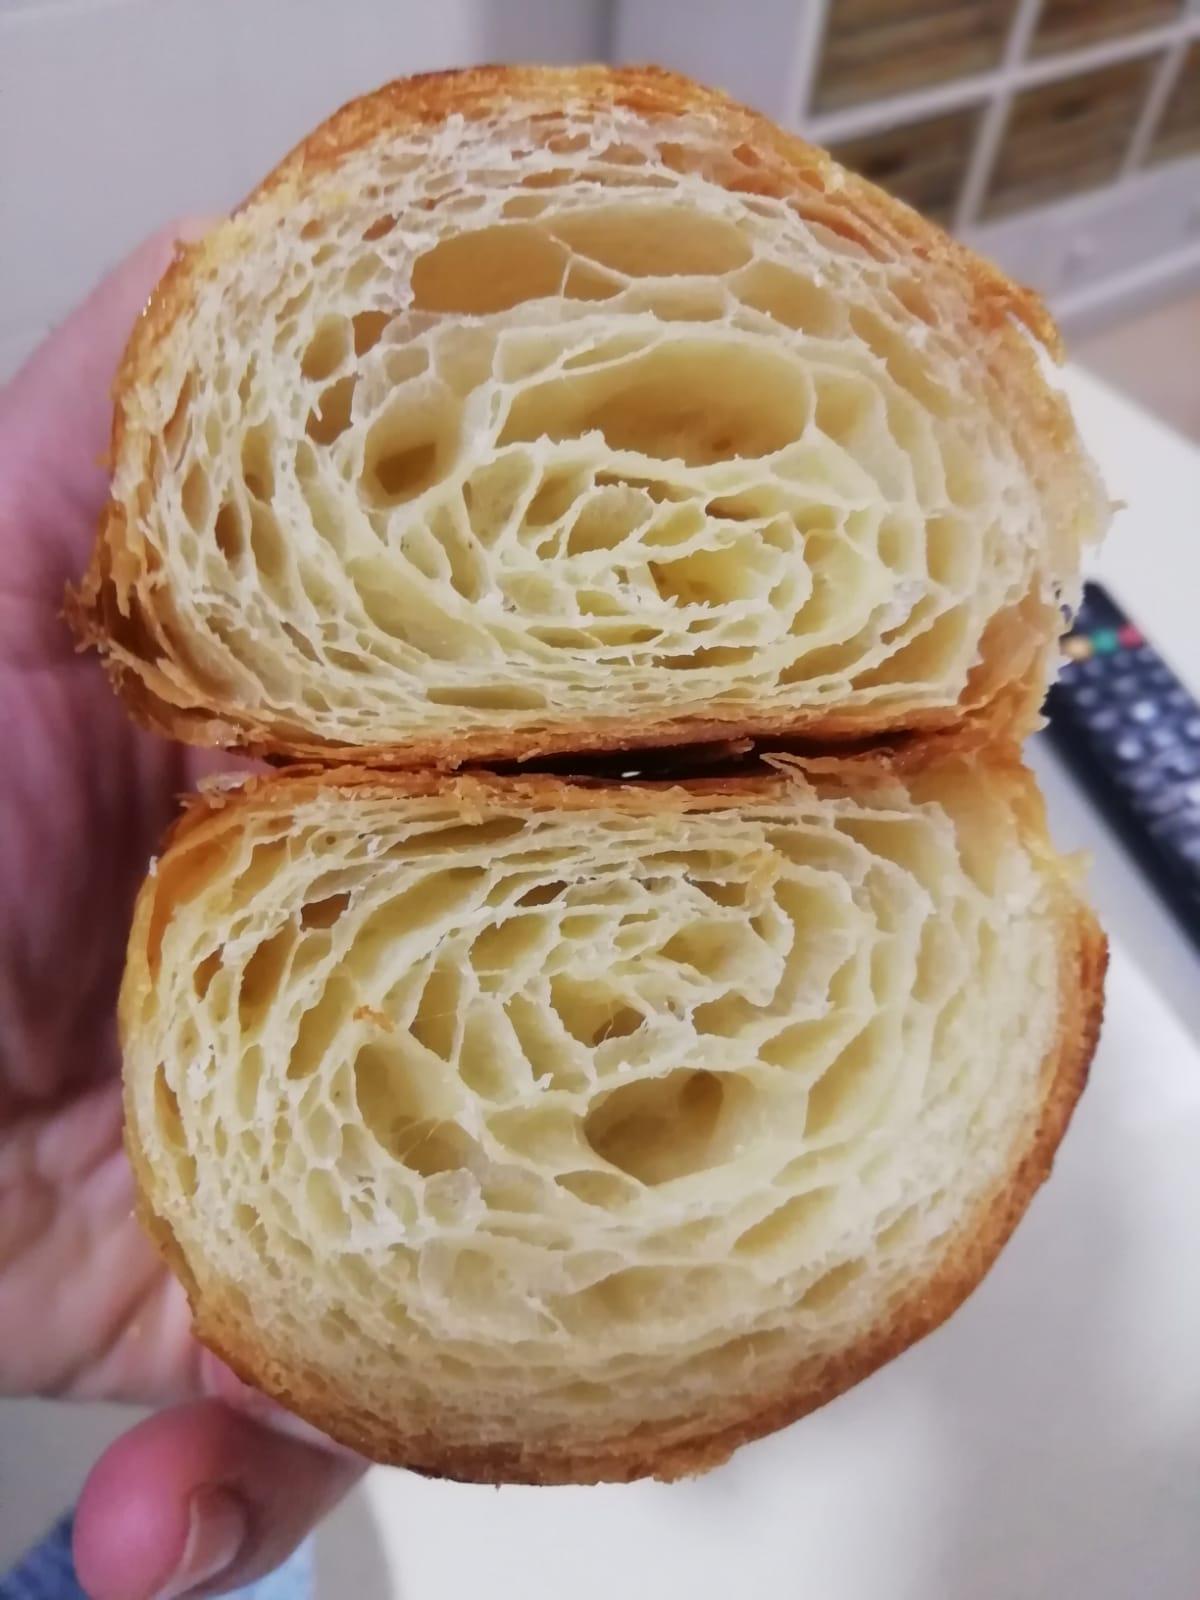 Imagen de producto: https://tienda.postreadiccion.com/img/articulos/secundarias12502-curso-de-croissants-y-napolitanas-2022019-1.jpeg